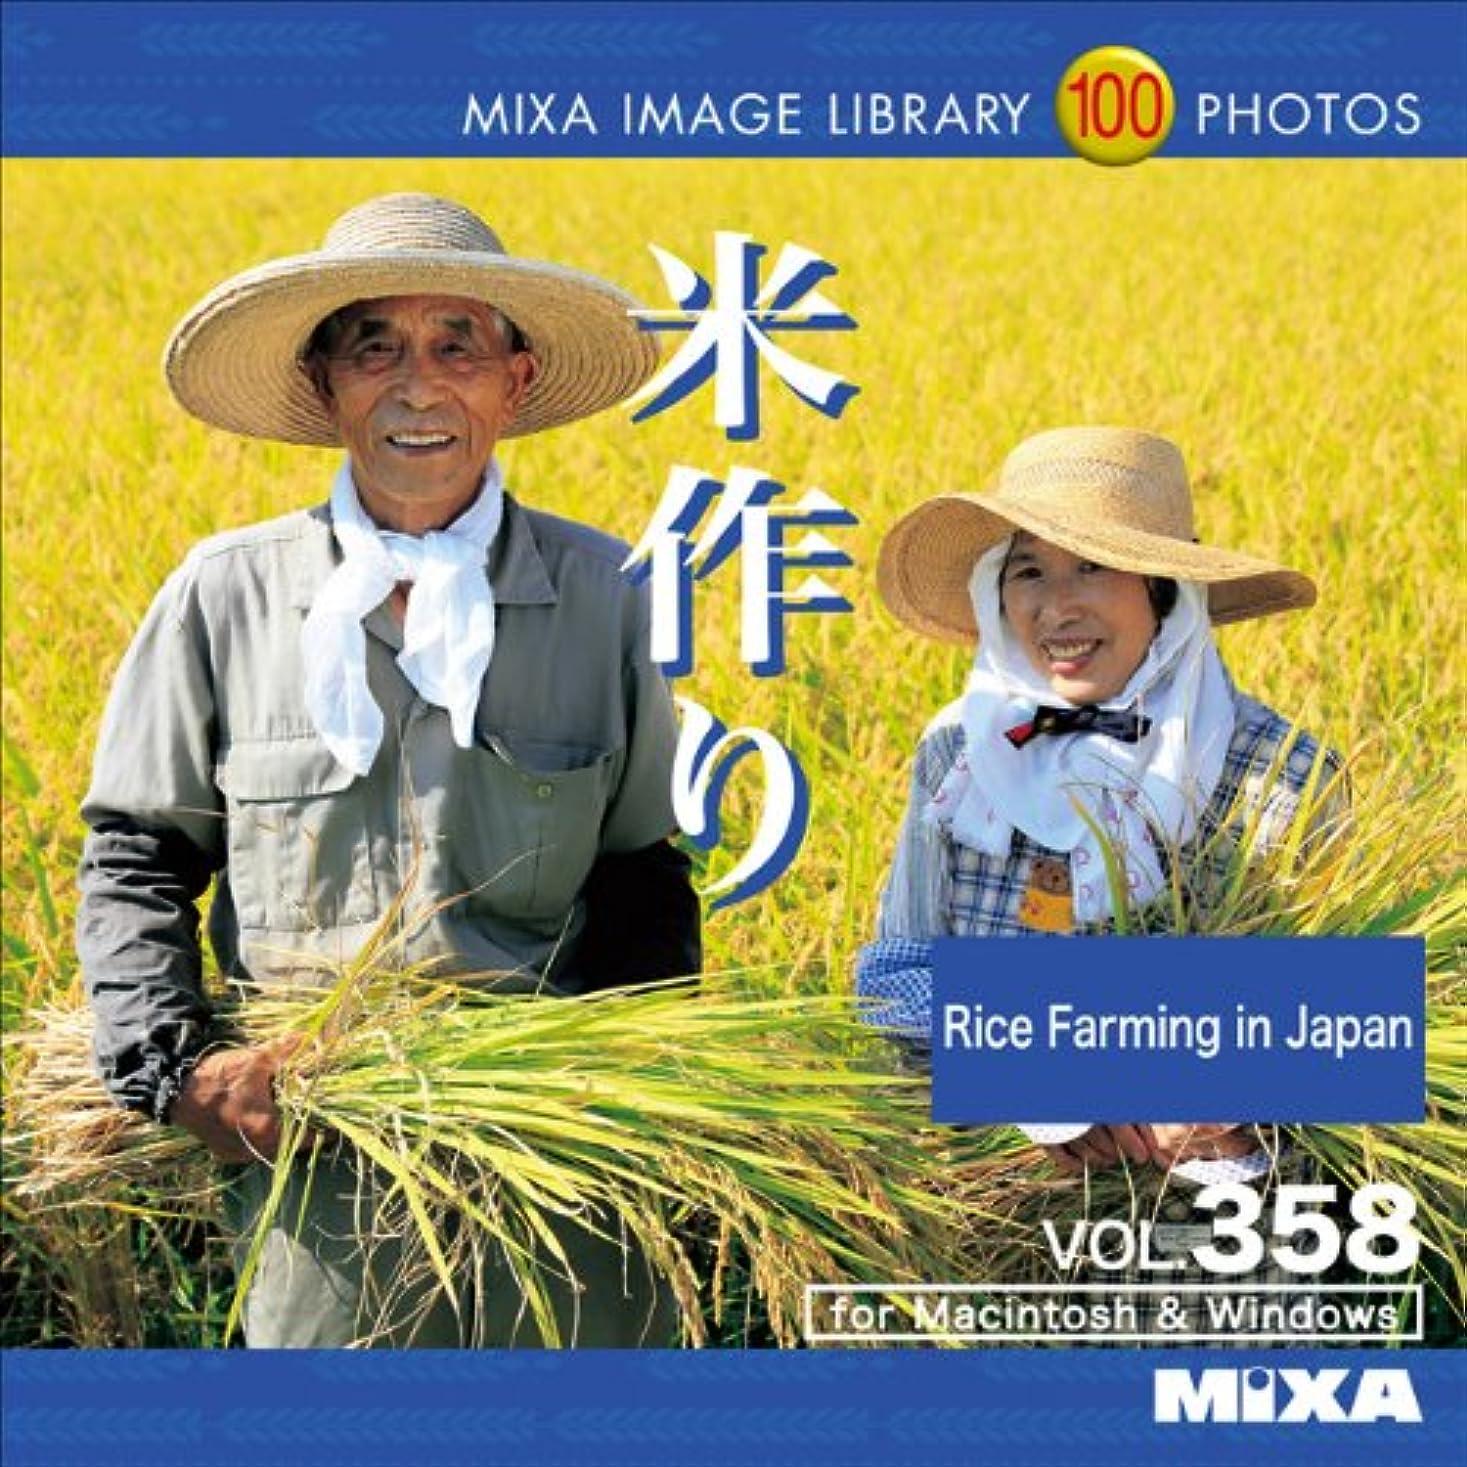 消化器カナダ最初はMIXA IMAGE LIBRARY Vol.358 米作り